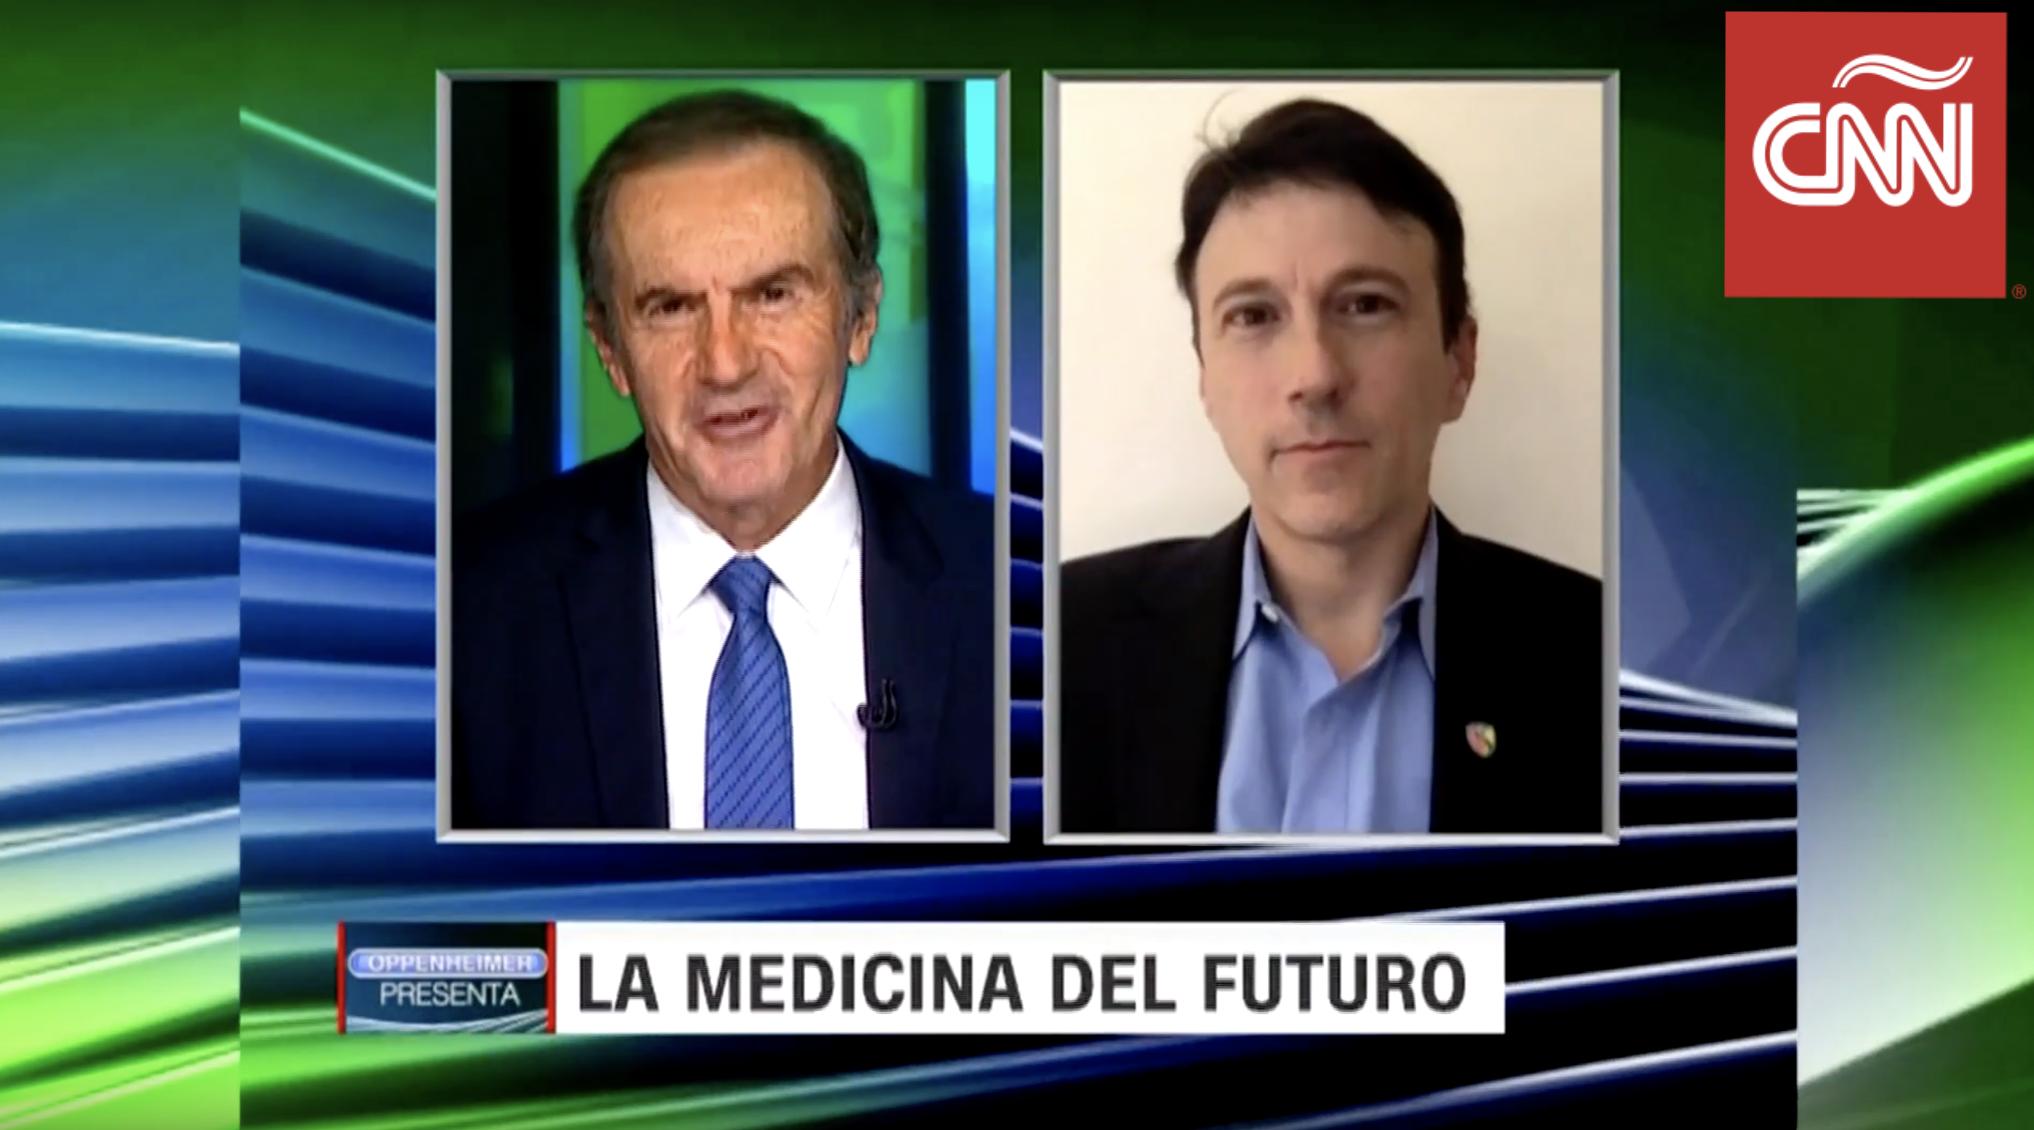 Daniel Kraft on CNN in Espanol